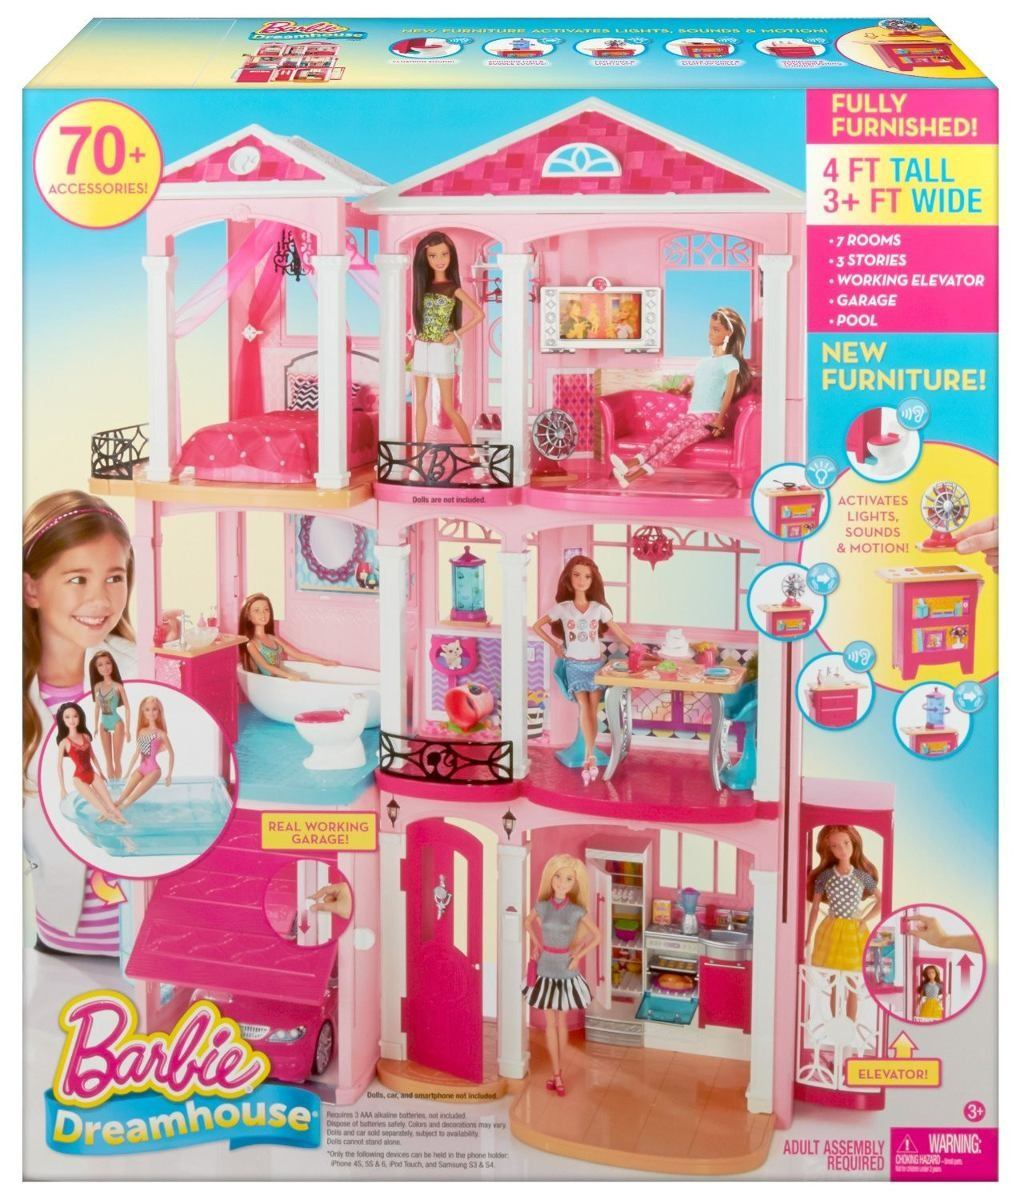 Casa de los sue os de la barbie s en mercado libre - La casita de los suenos ...